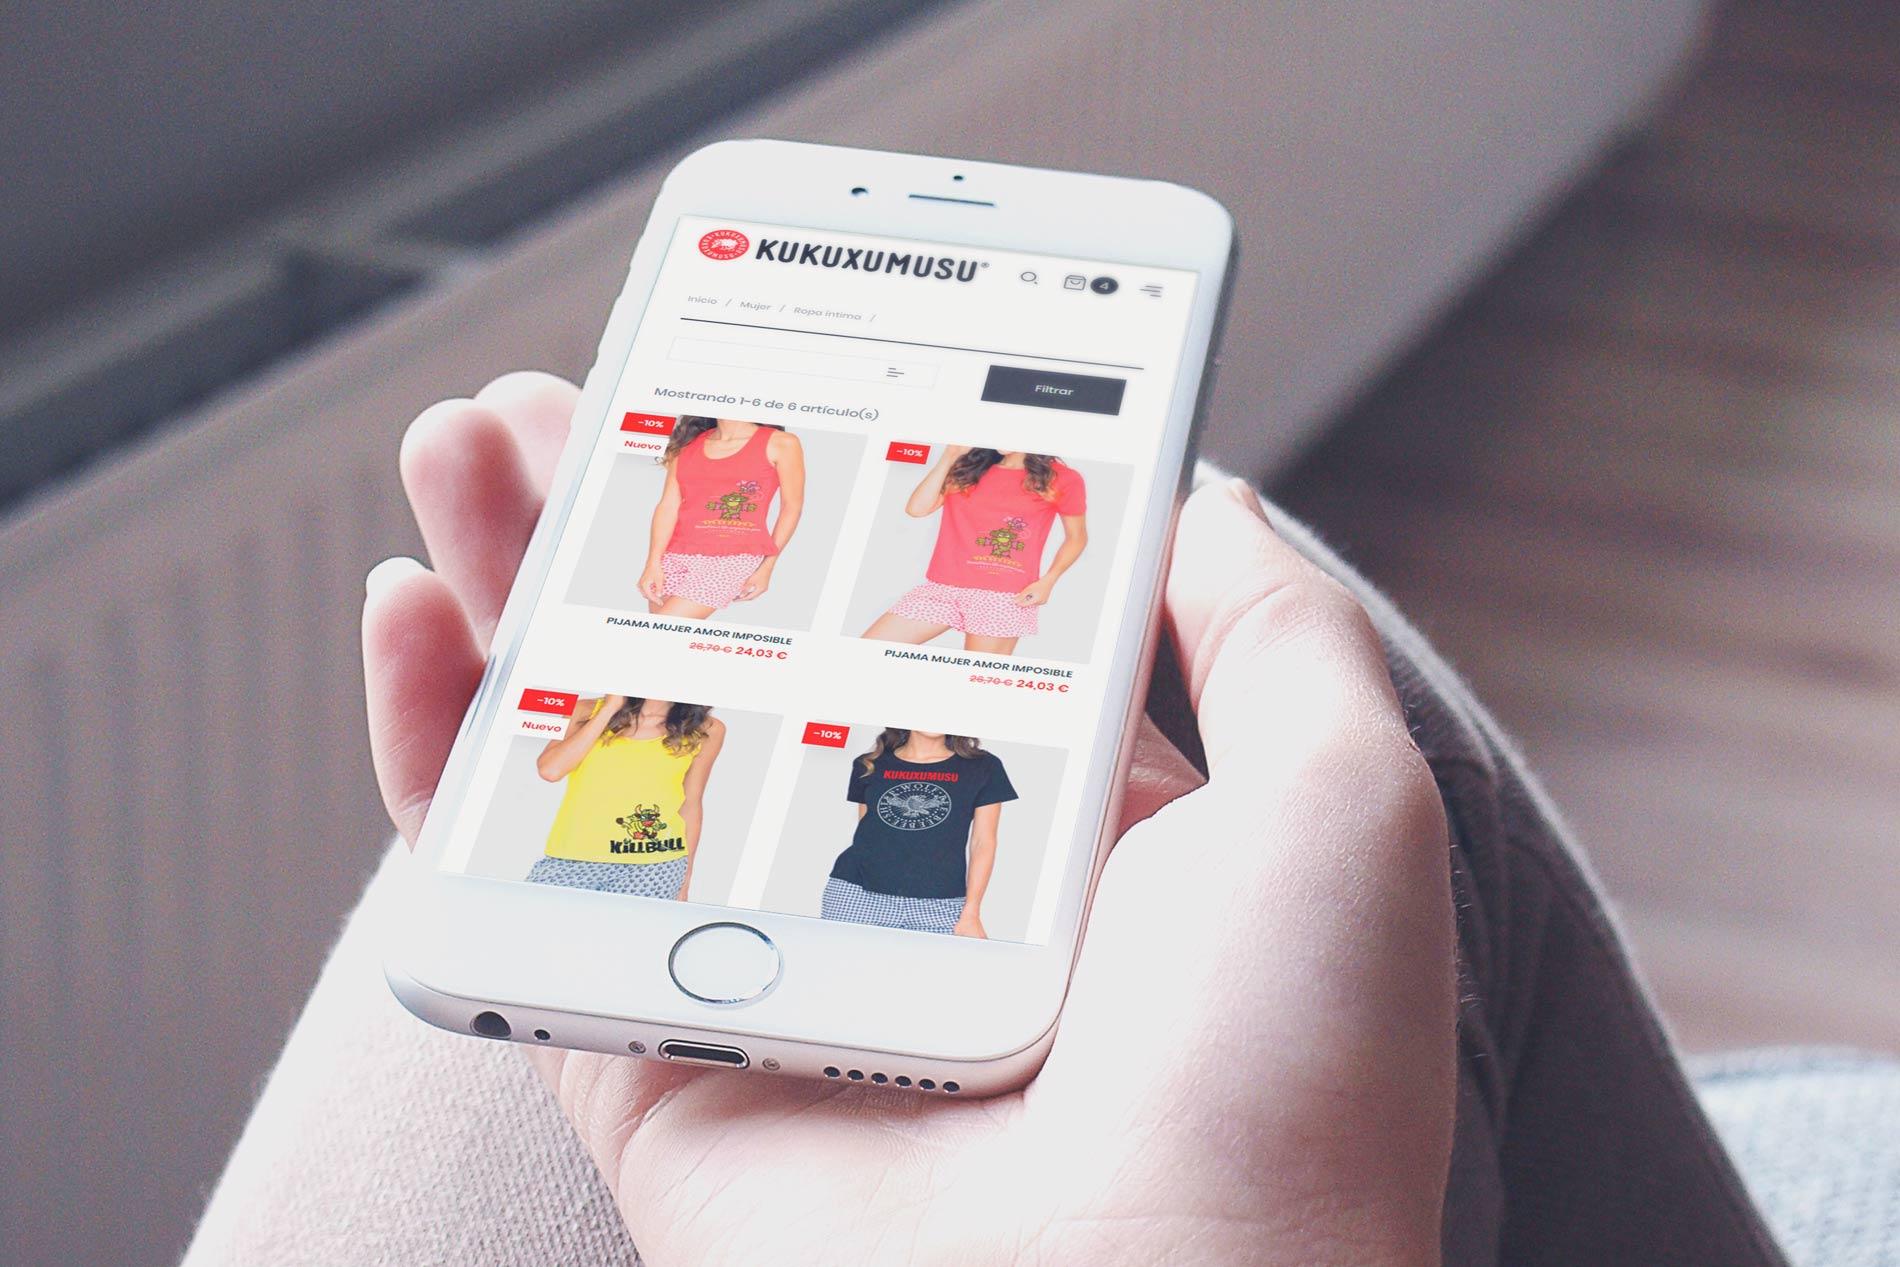 Kukuxumusu tienda online